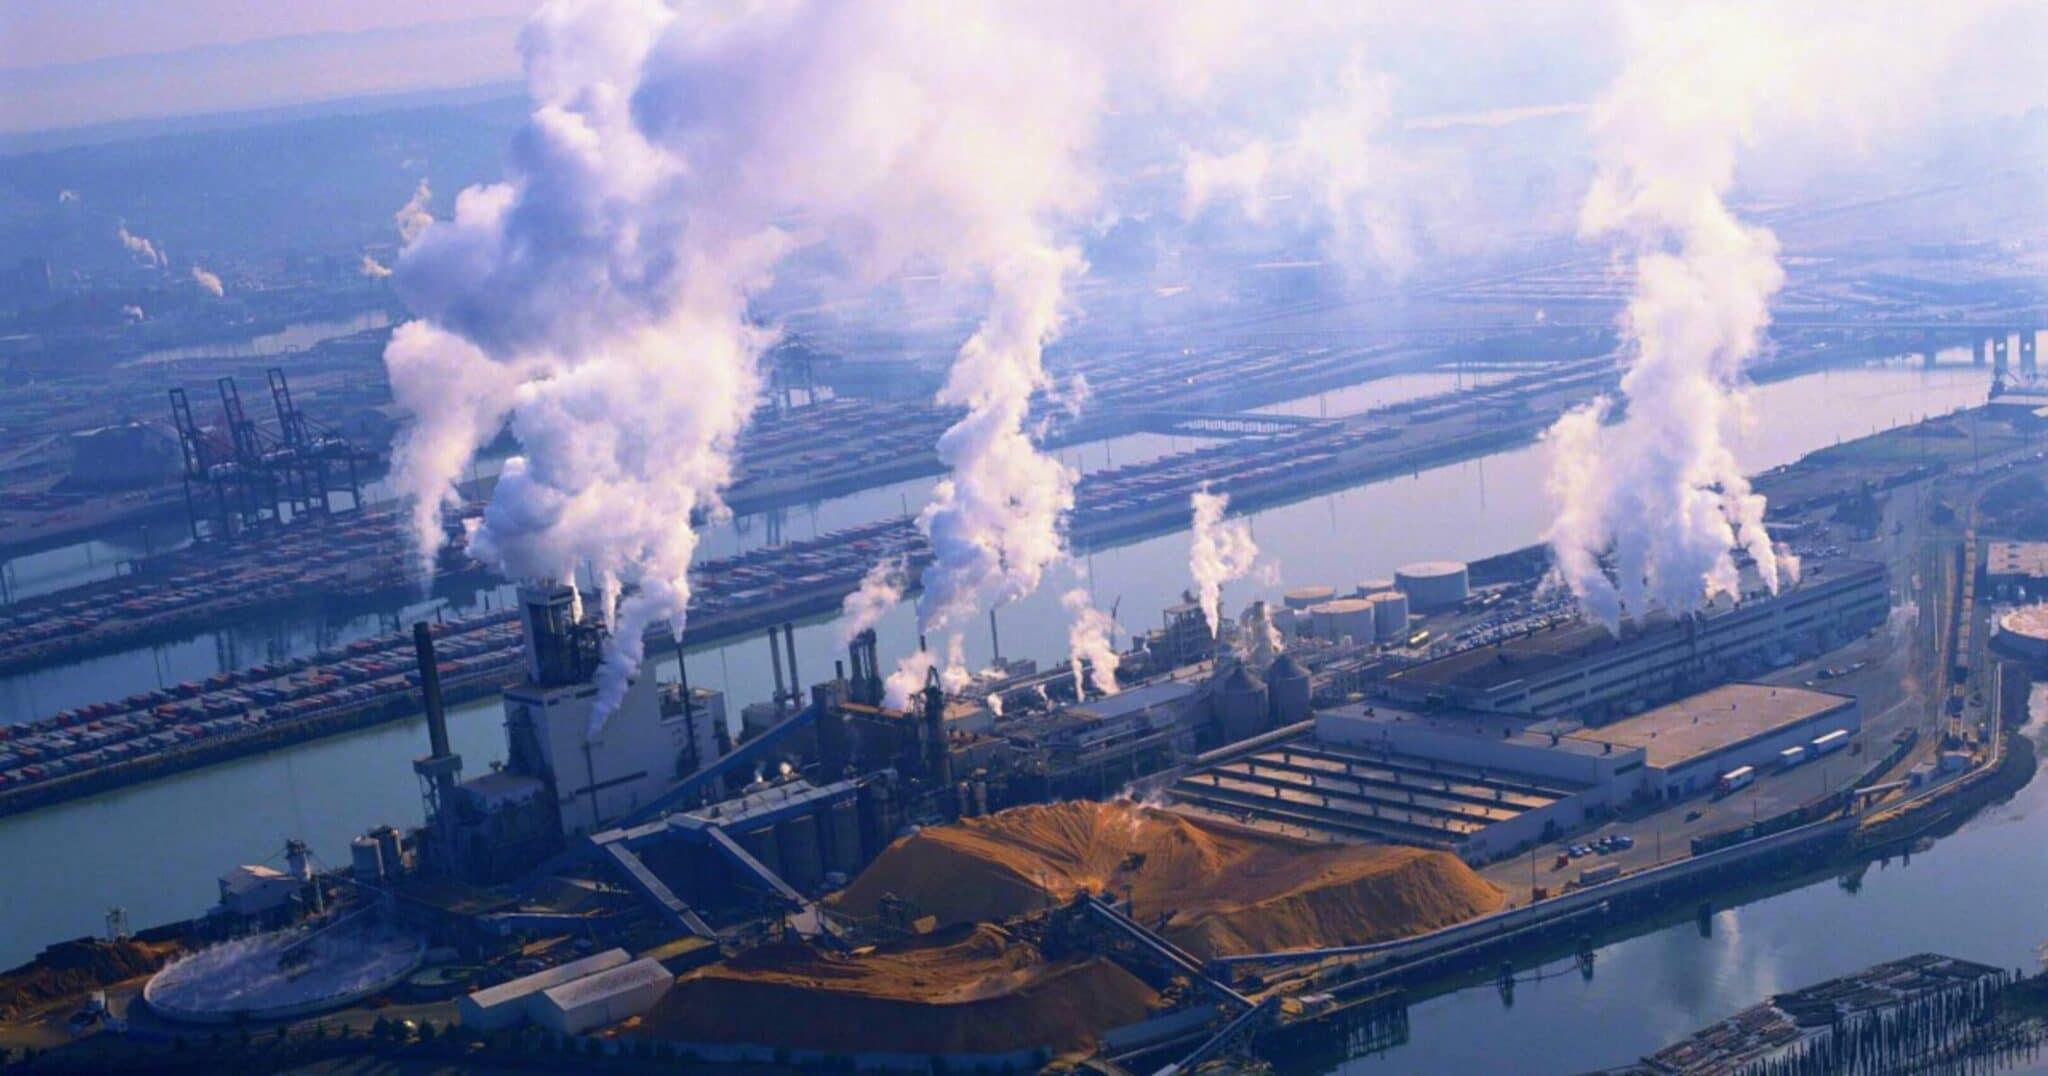 inquinamento zero, piano, Commissione, Europa, normativa, strategia, morti, biodiversità, ecosistemi, economia, aria, acqua, suolo, ambiente, riduzione, Energy Close-up Engineering